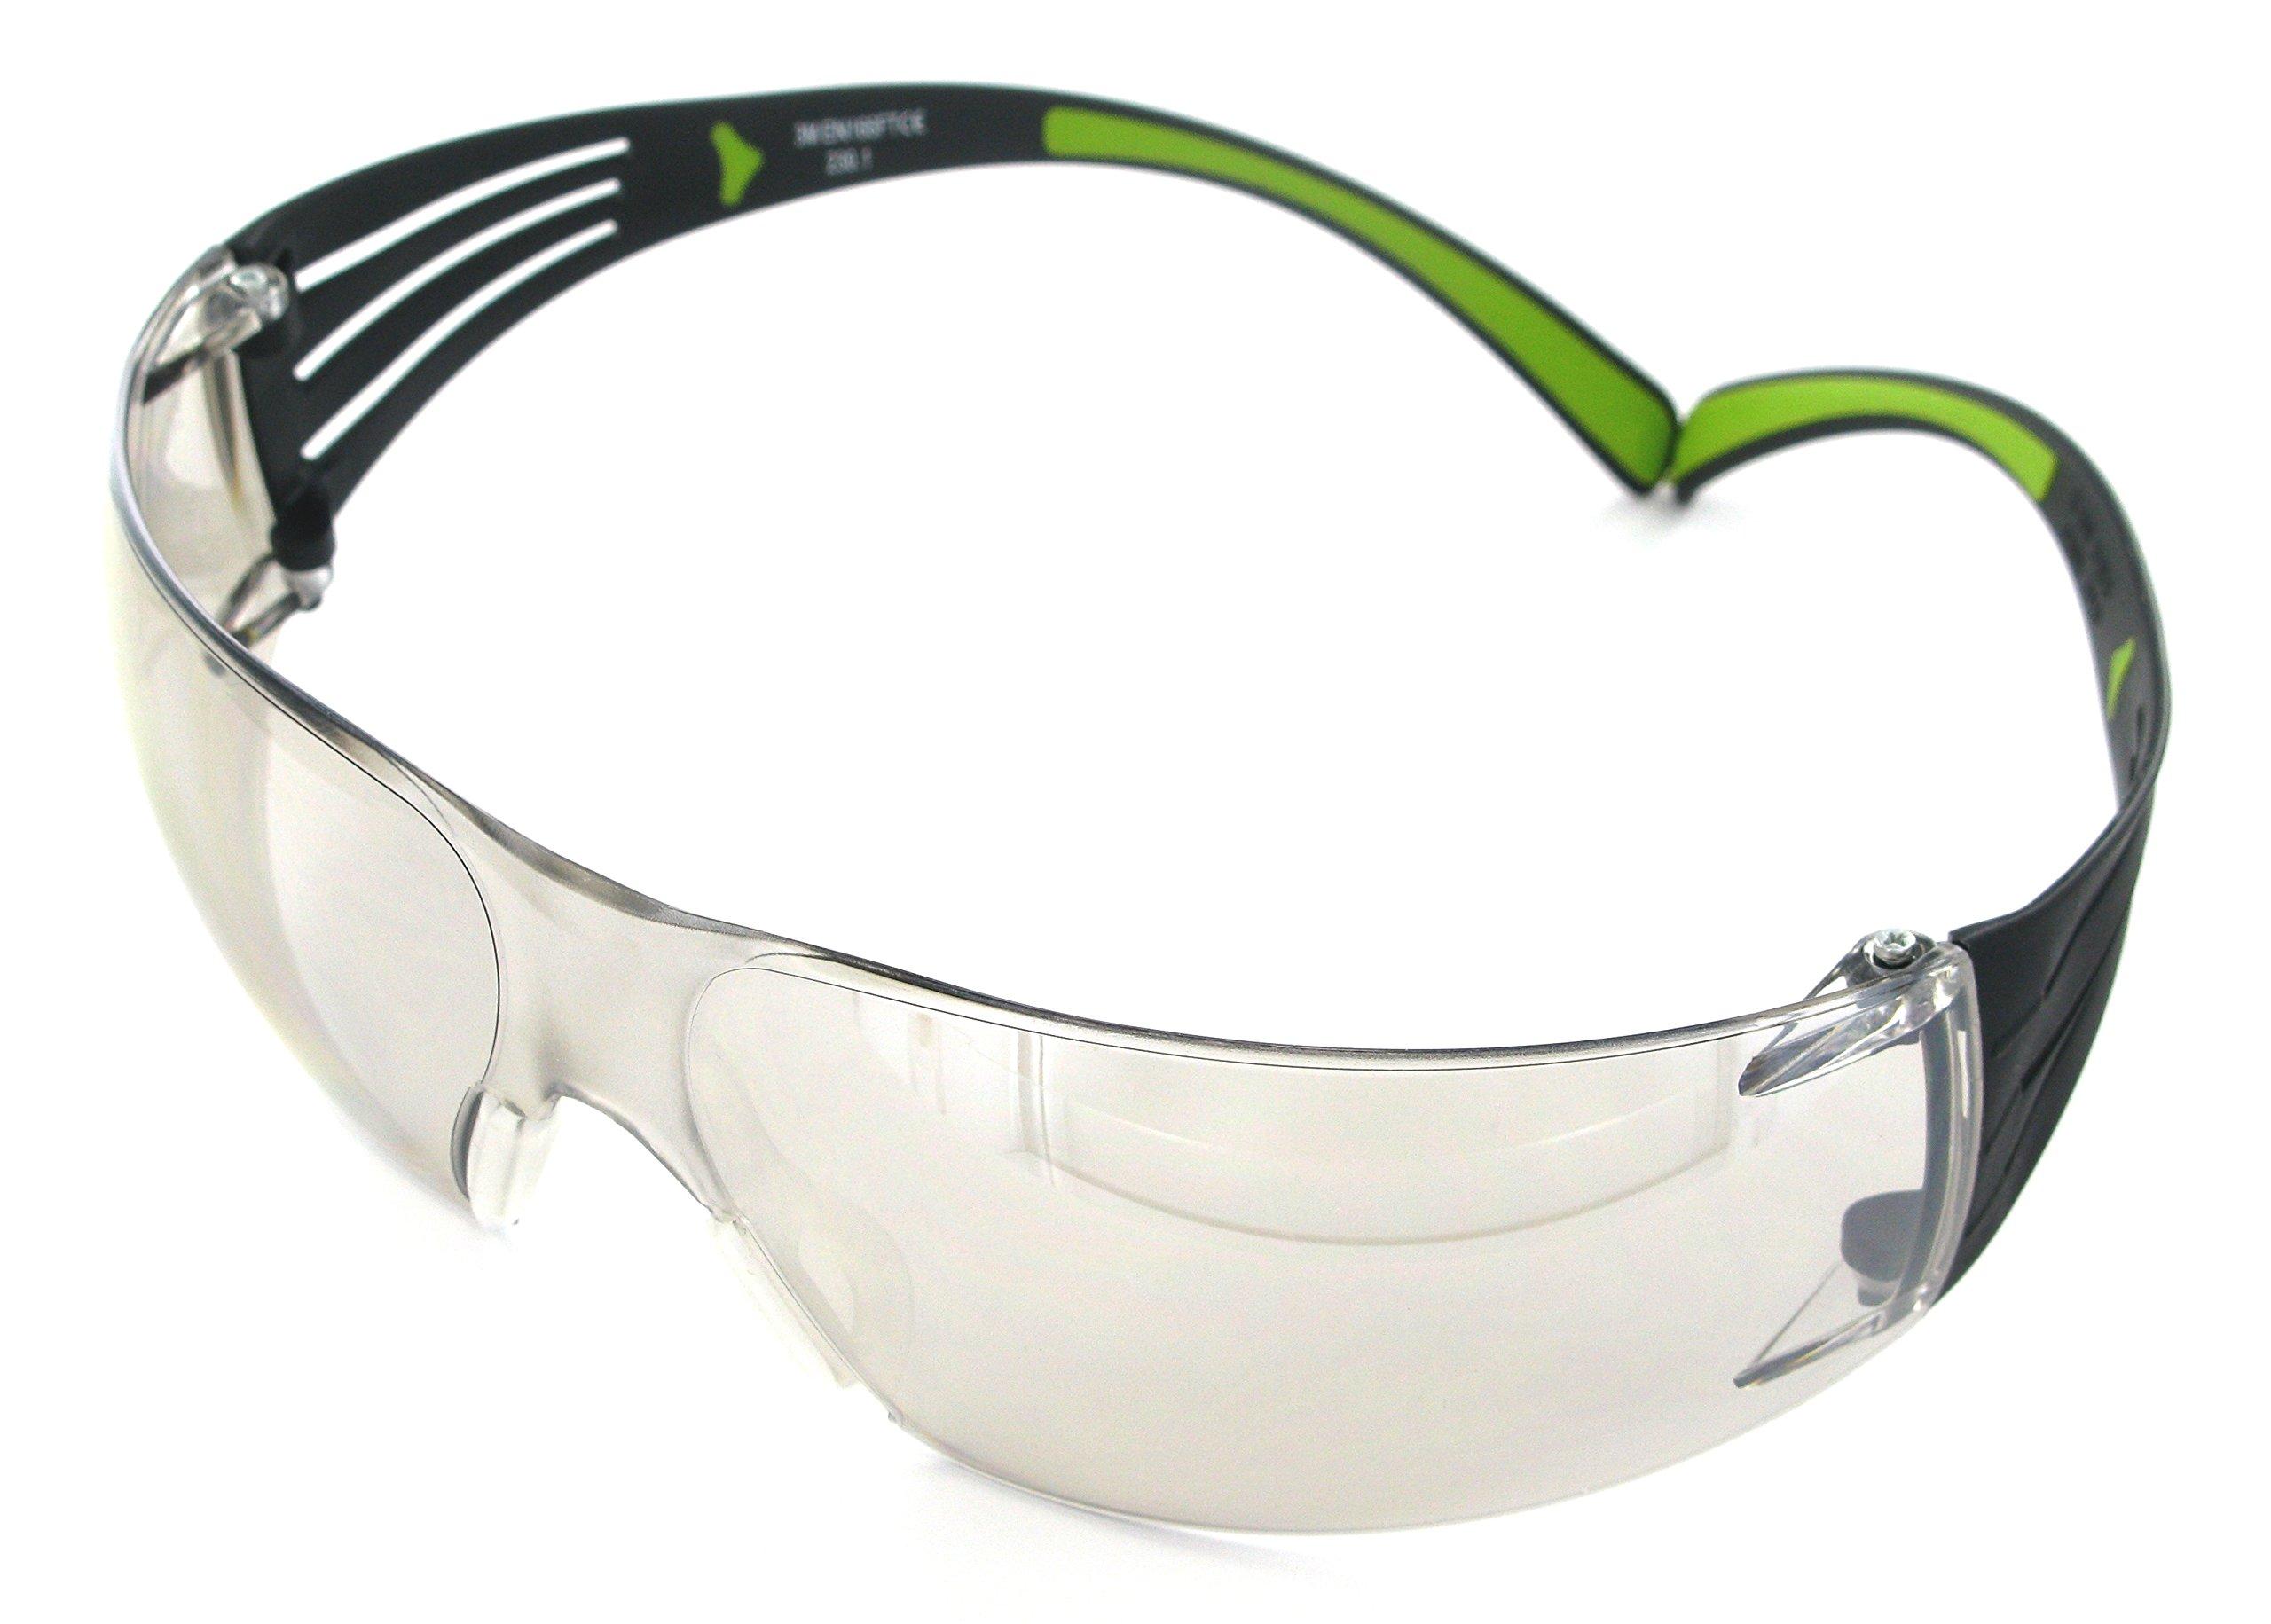 3M SecureFit Protective Eyewear, 400-Series, SF410AS, Indoor/Outdoor Mirror lens (Case of 20)